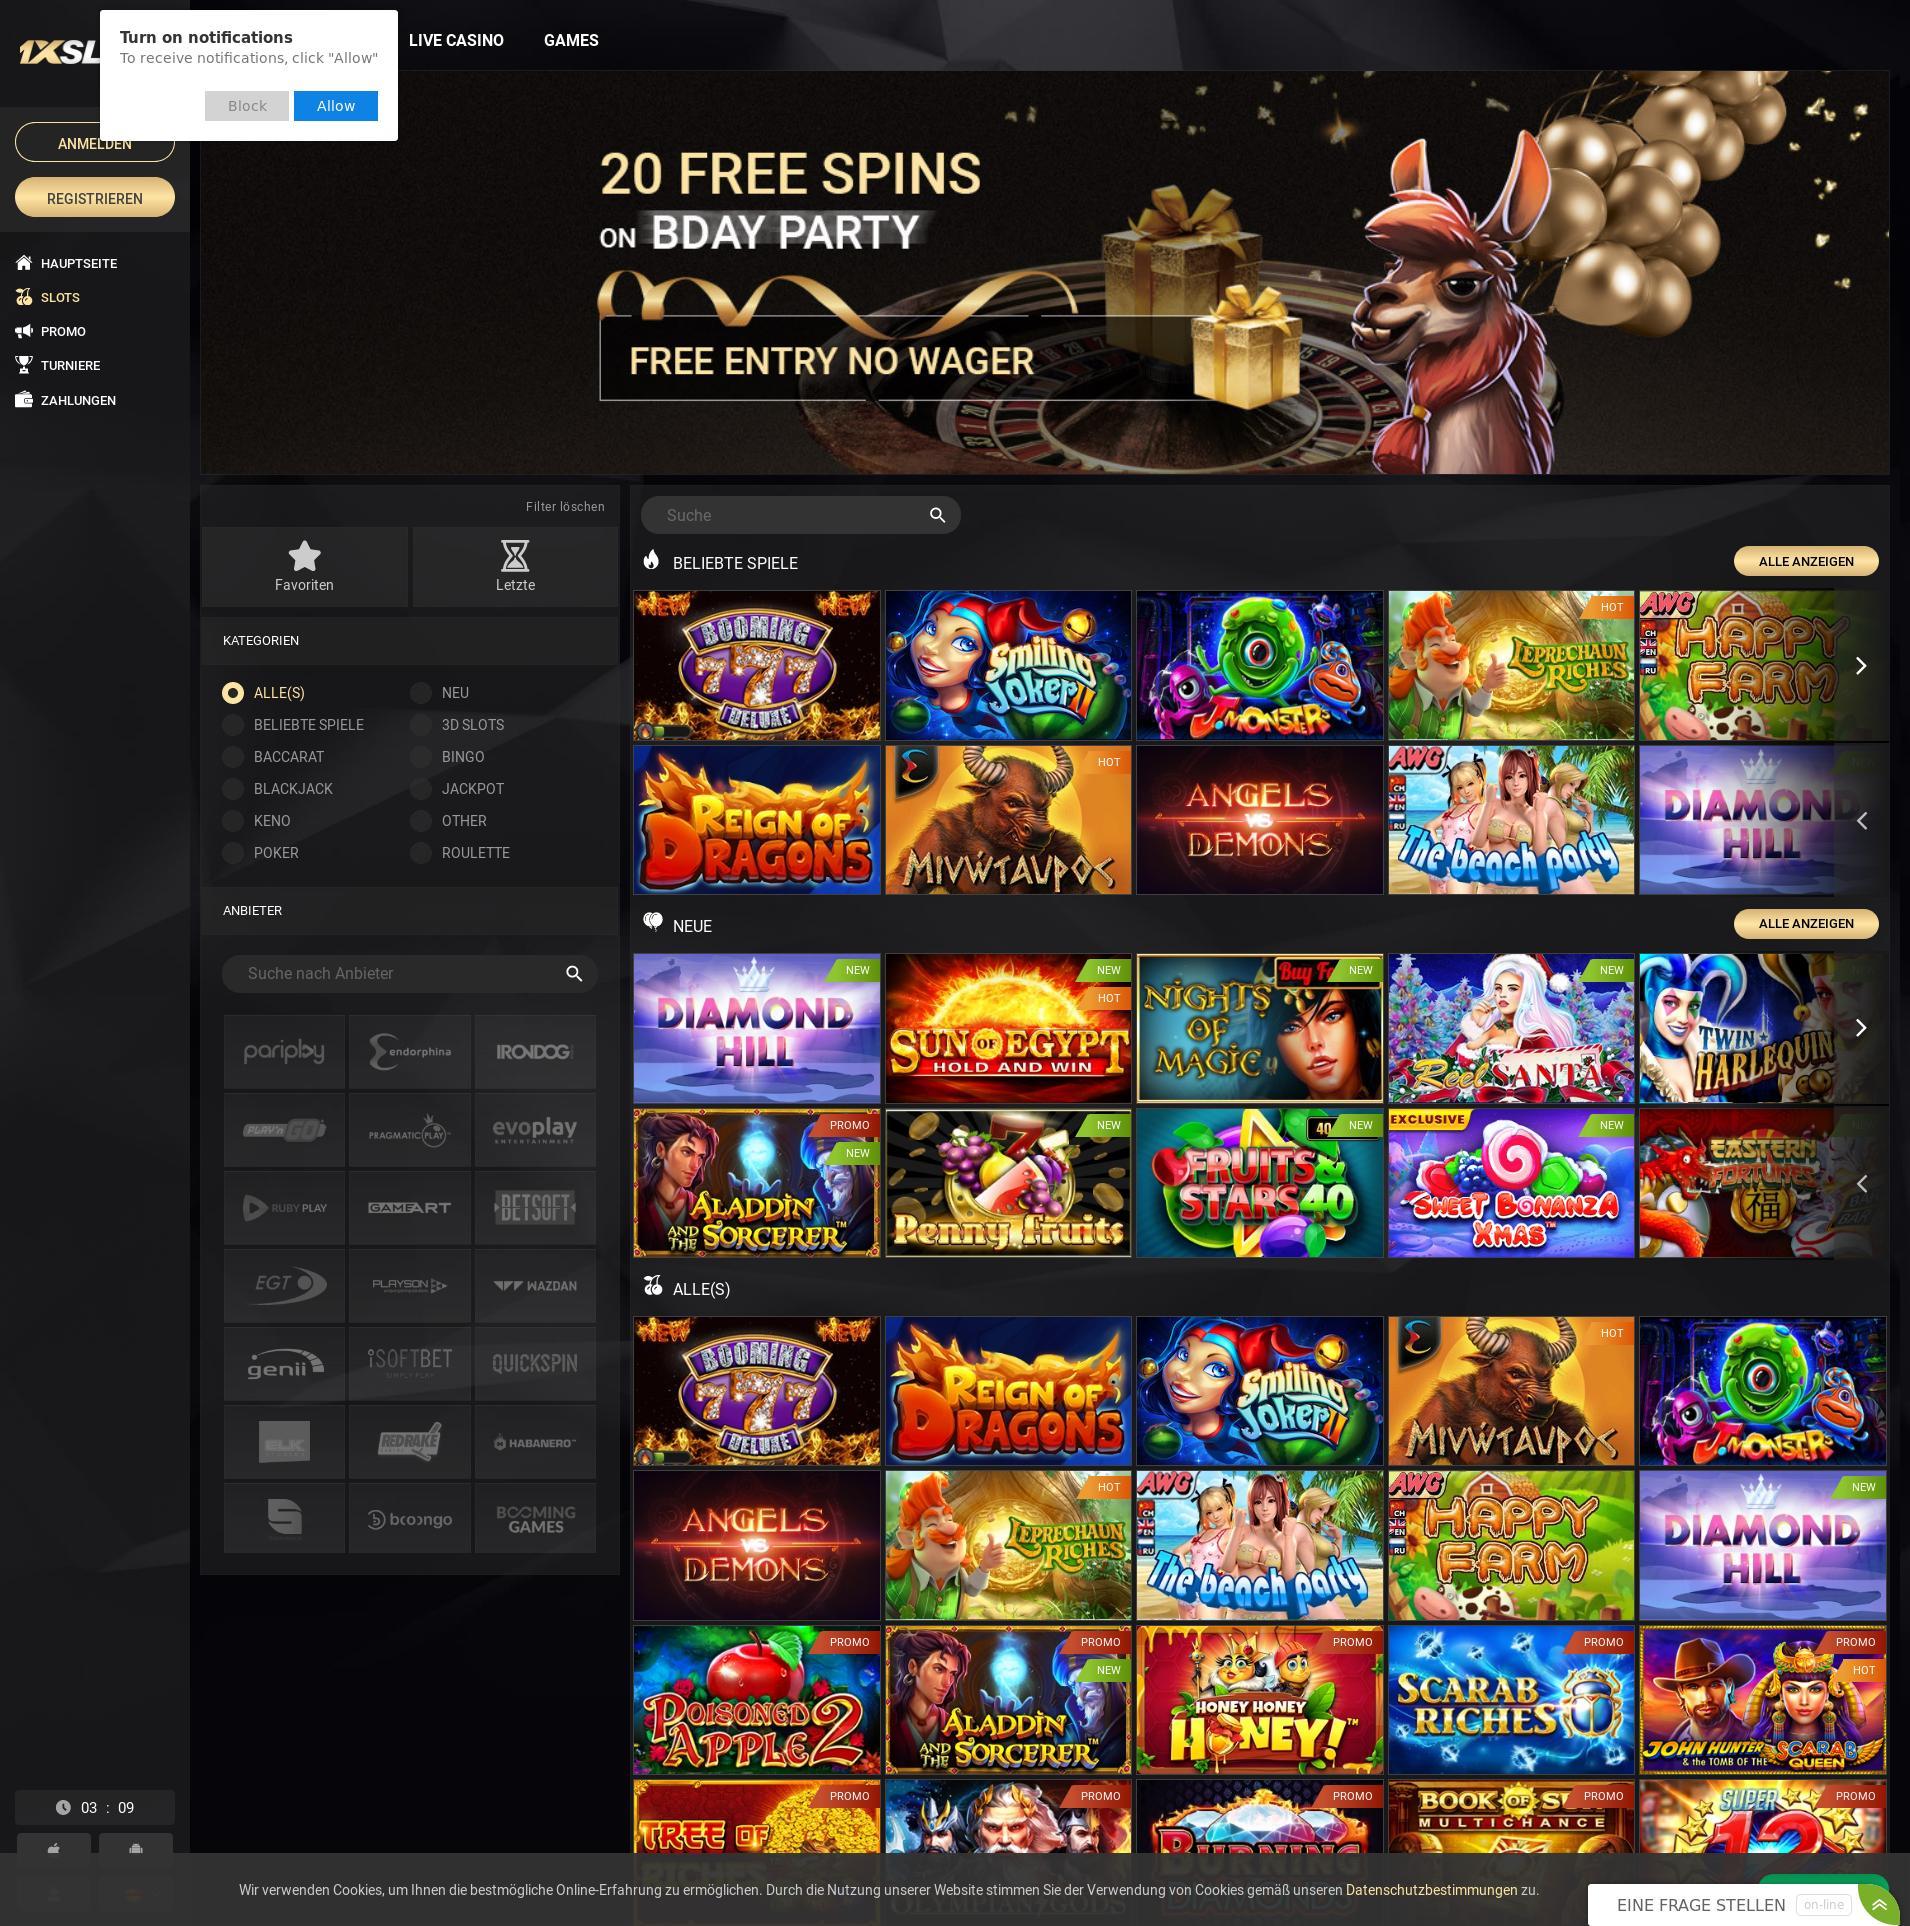 Casino Bildschirm Lobby 2019-11-21 zum Deutschland